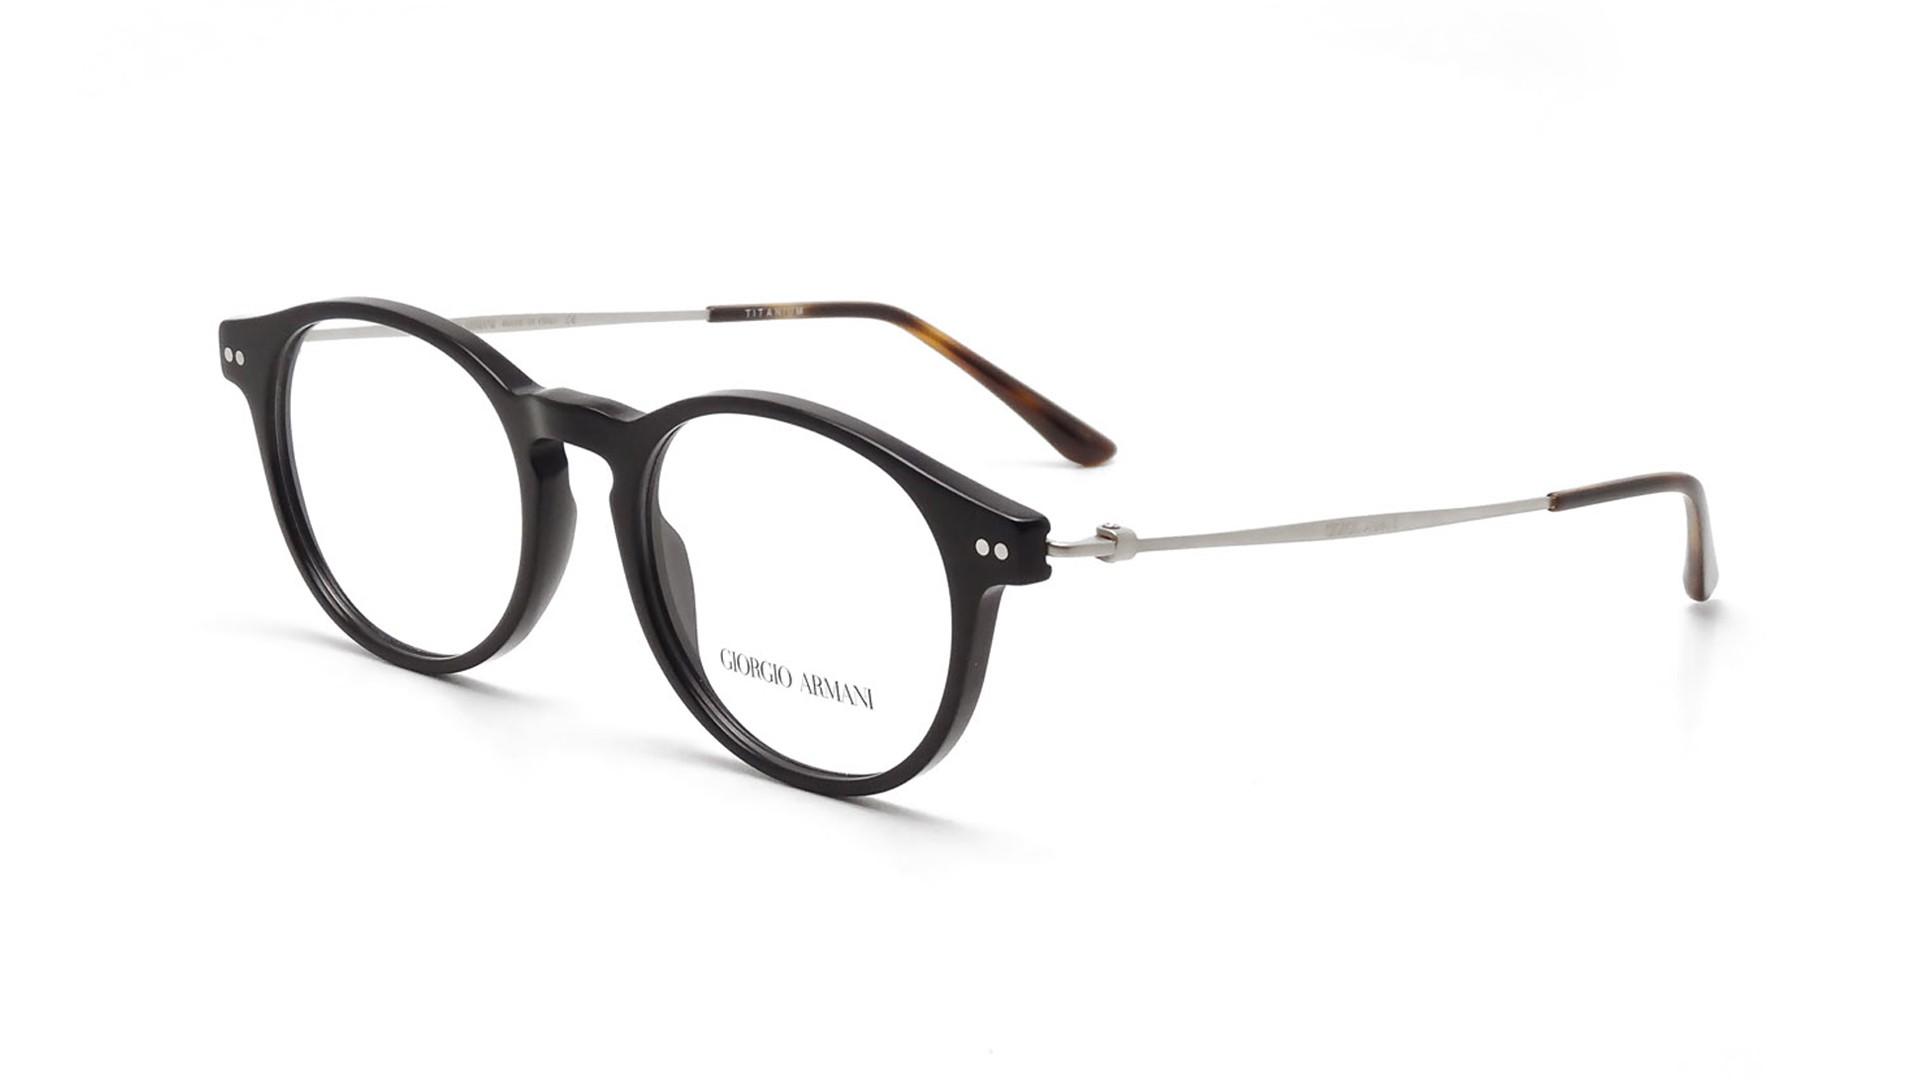 d51f9e50cf0c Eyeglasses Giorgio Armani Frames of Life Black AR7010 5017 49-18 Medium